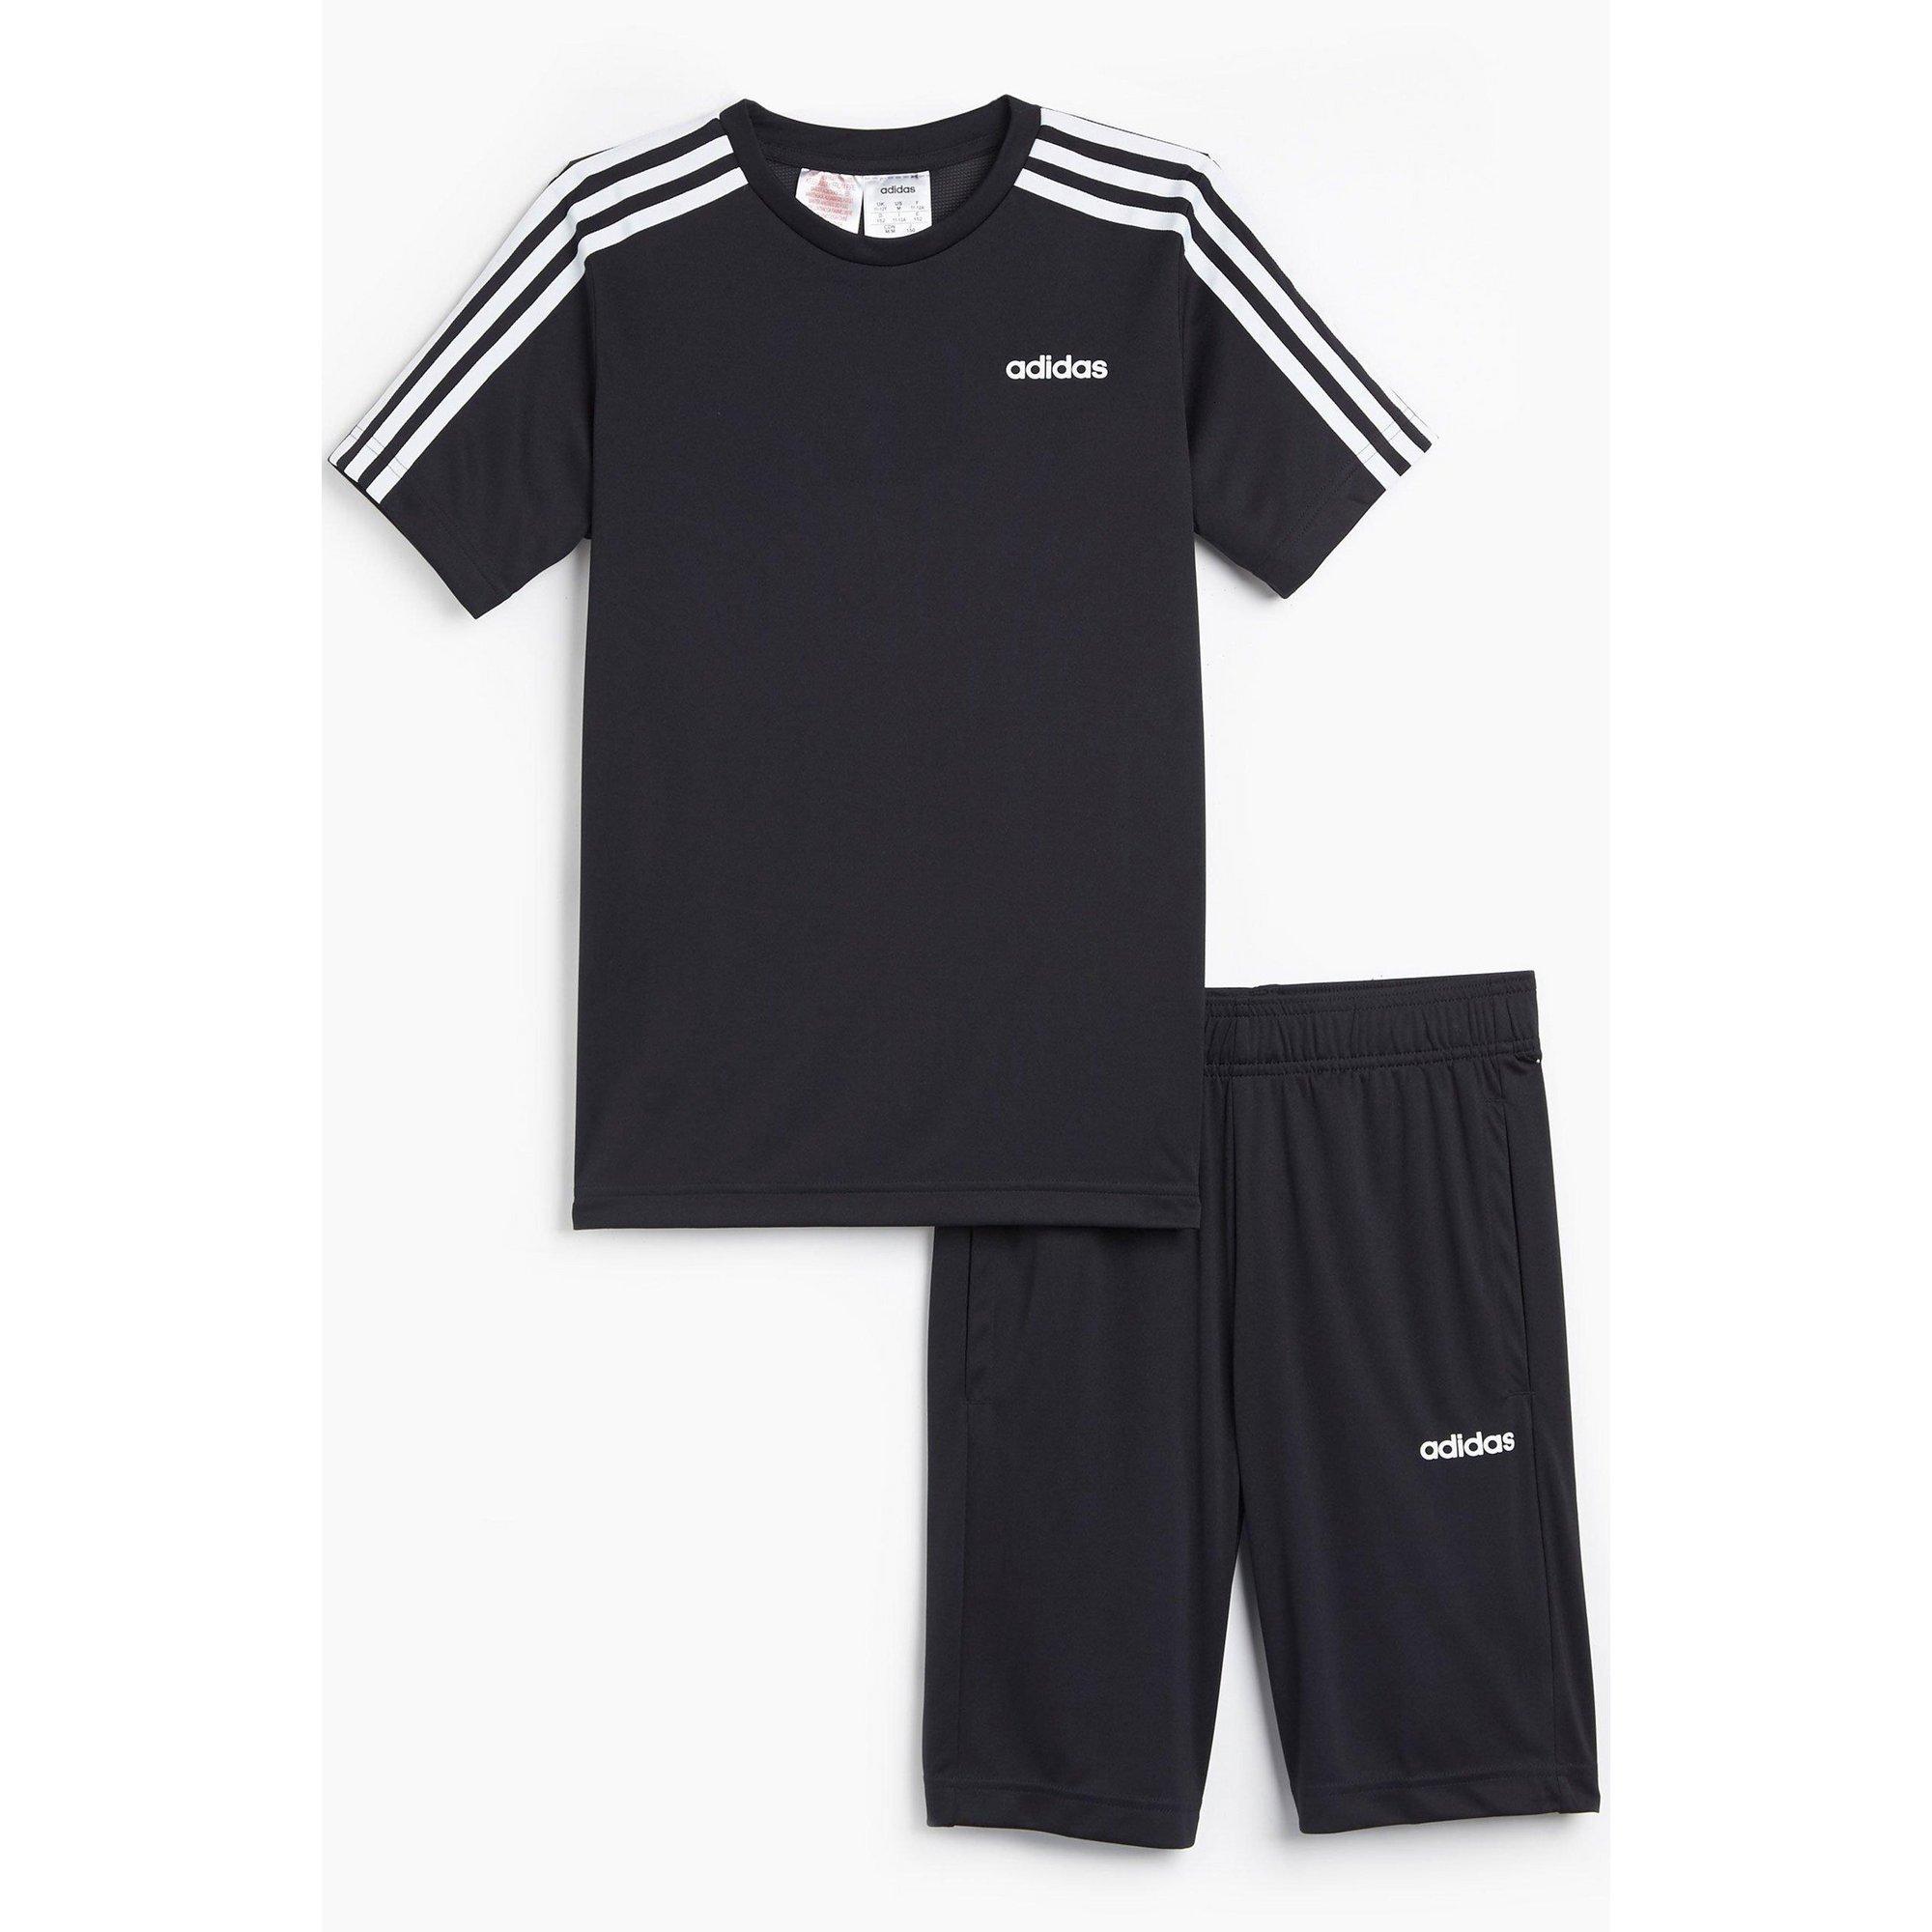 Image of Boys adidas 3 Stripes Training Set